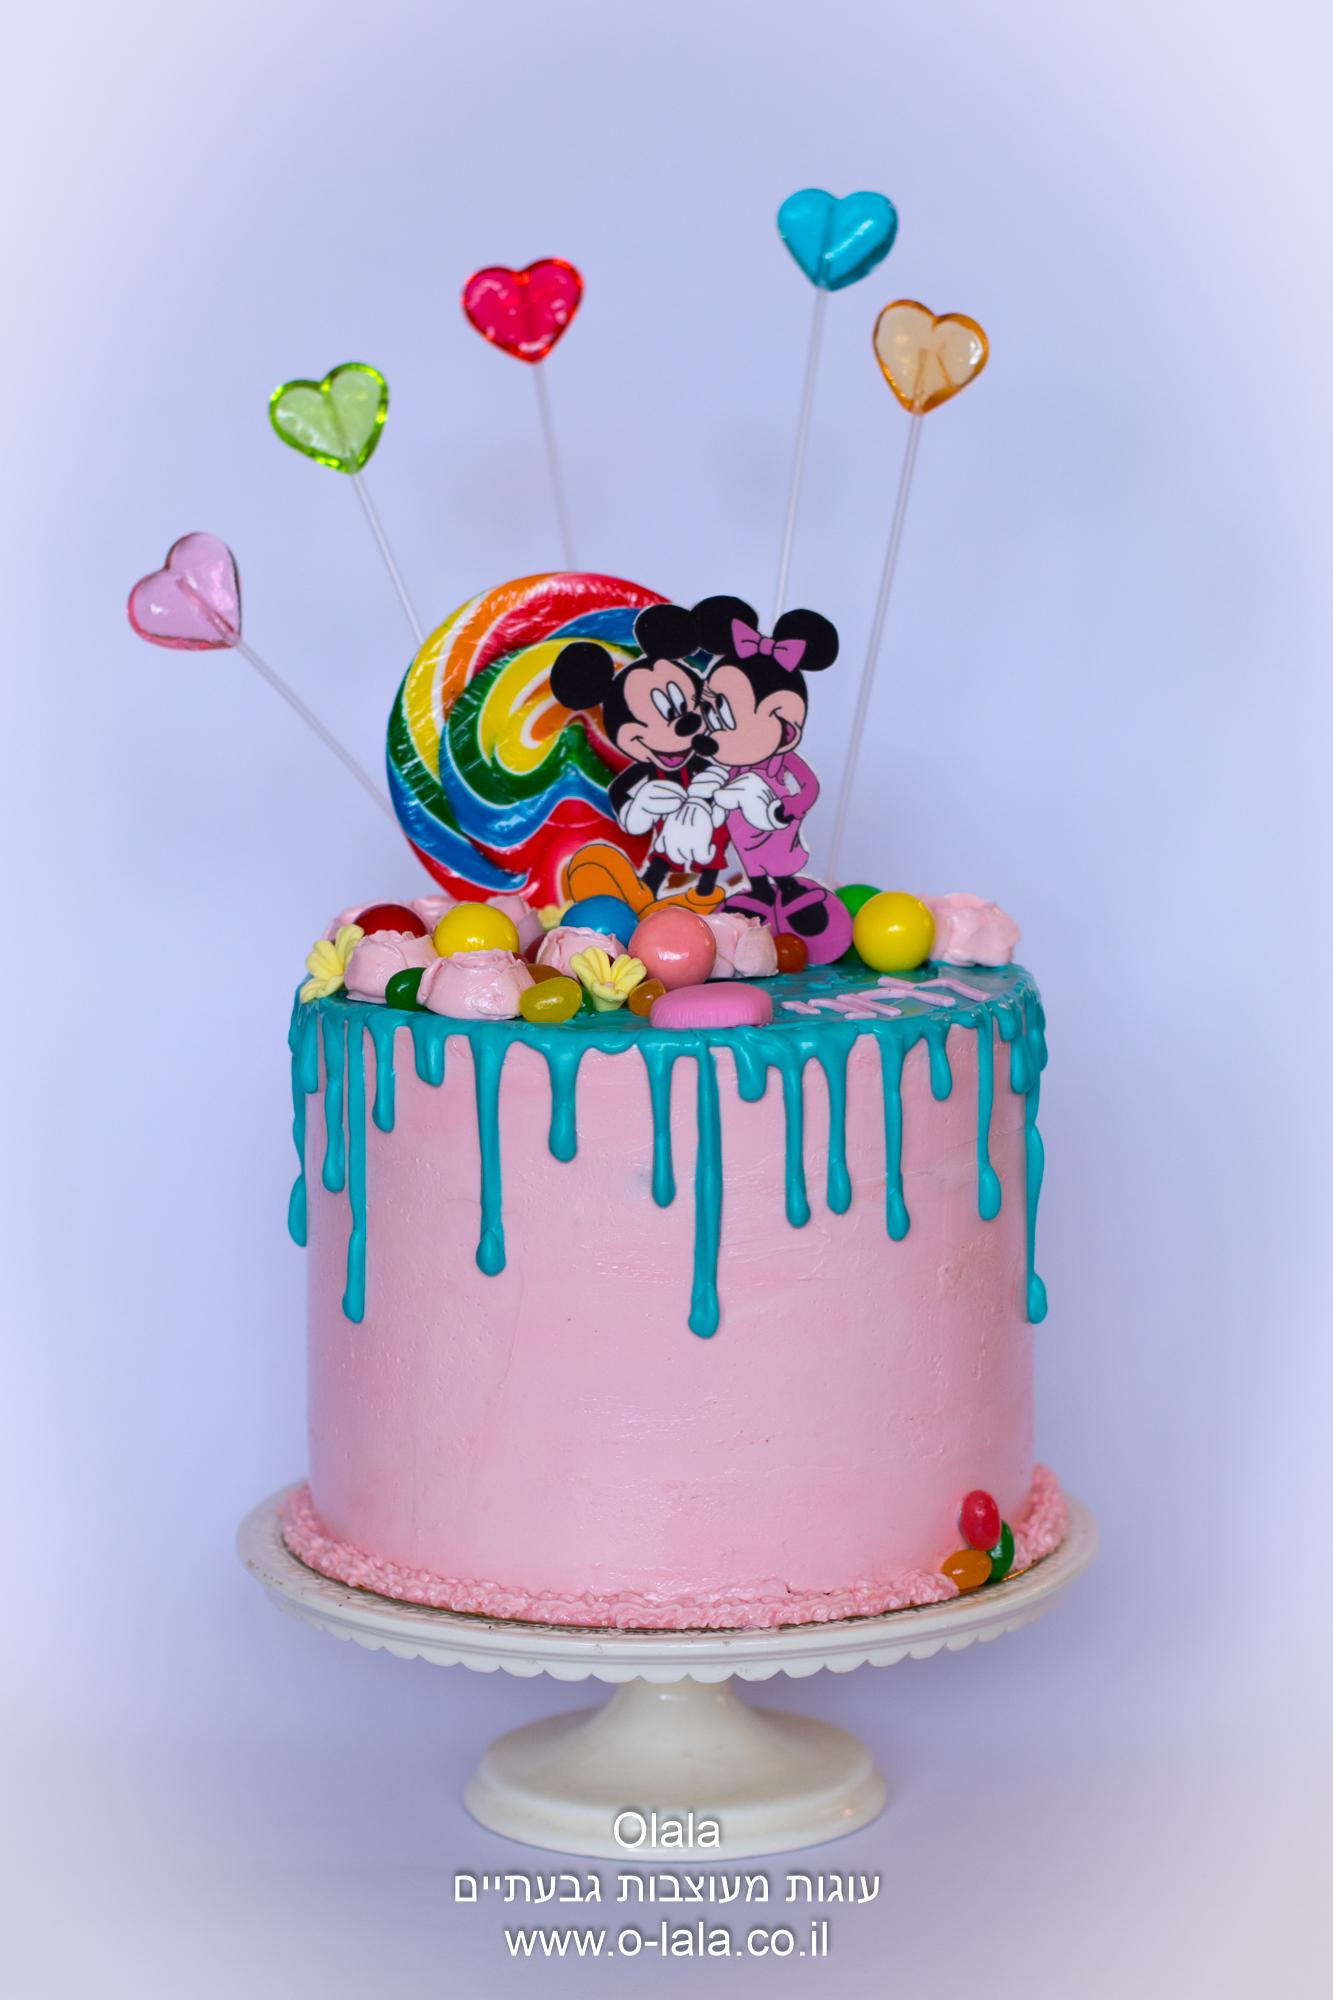 עוגת סוכריות עם טפטופים